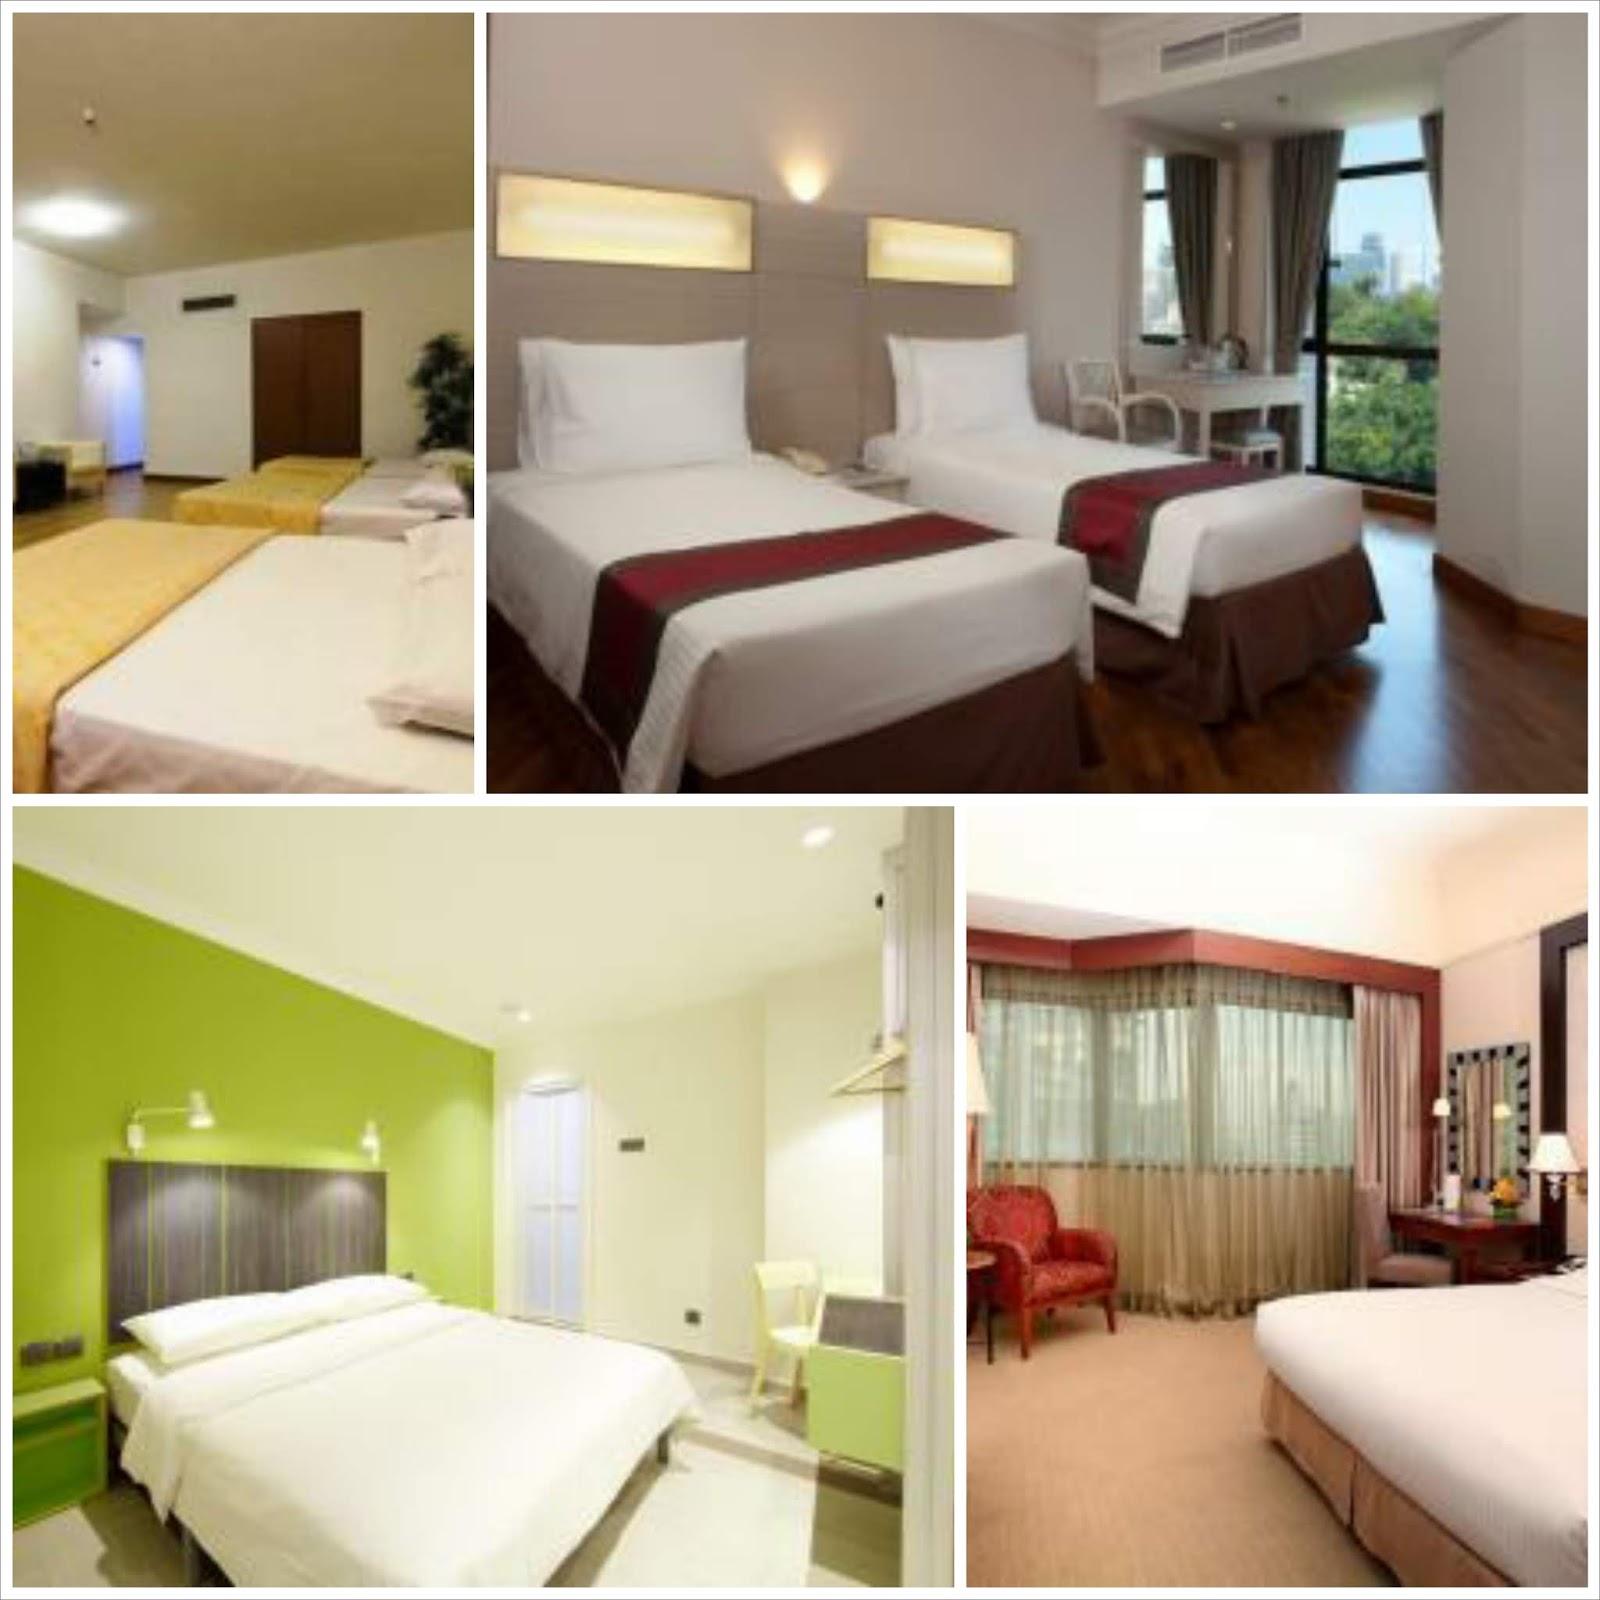 Hotel Murah Di Singapore Dekat Mrt Orchard Bugis Bras Basah Novena Chinatown Dan Lavender